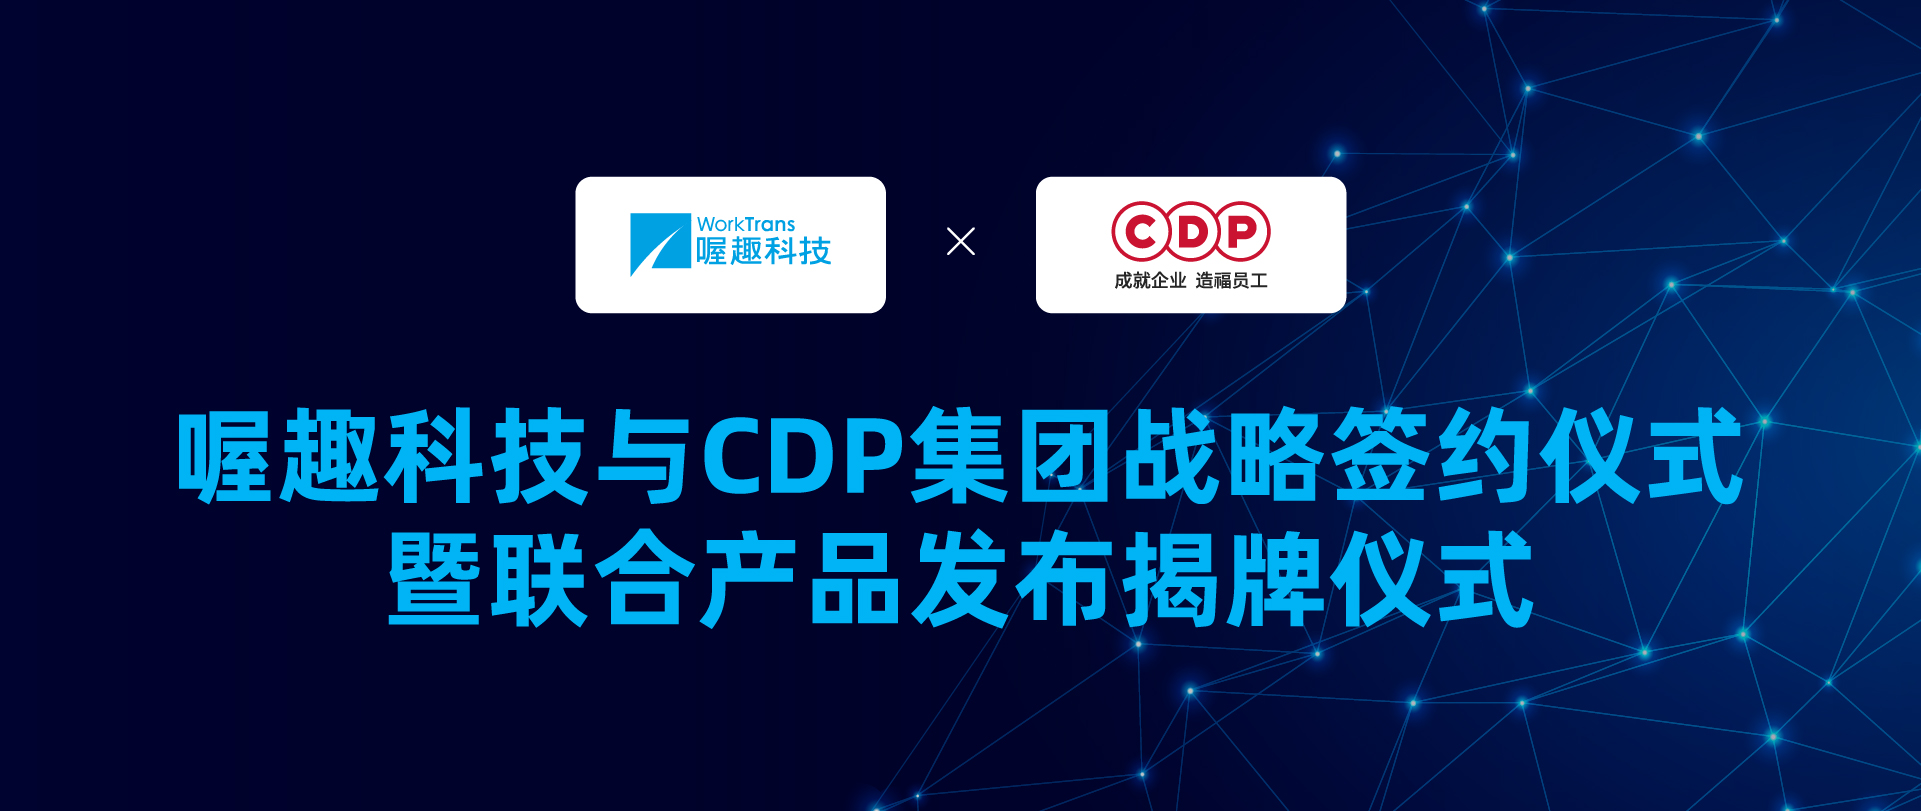 喔趣科技与CDP集团达成战略合作,加速企业数字化变革及组织人效与员工体验双升